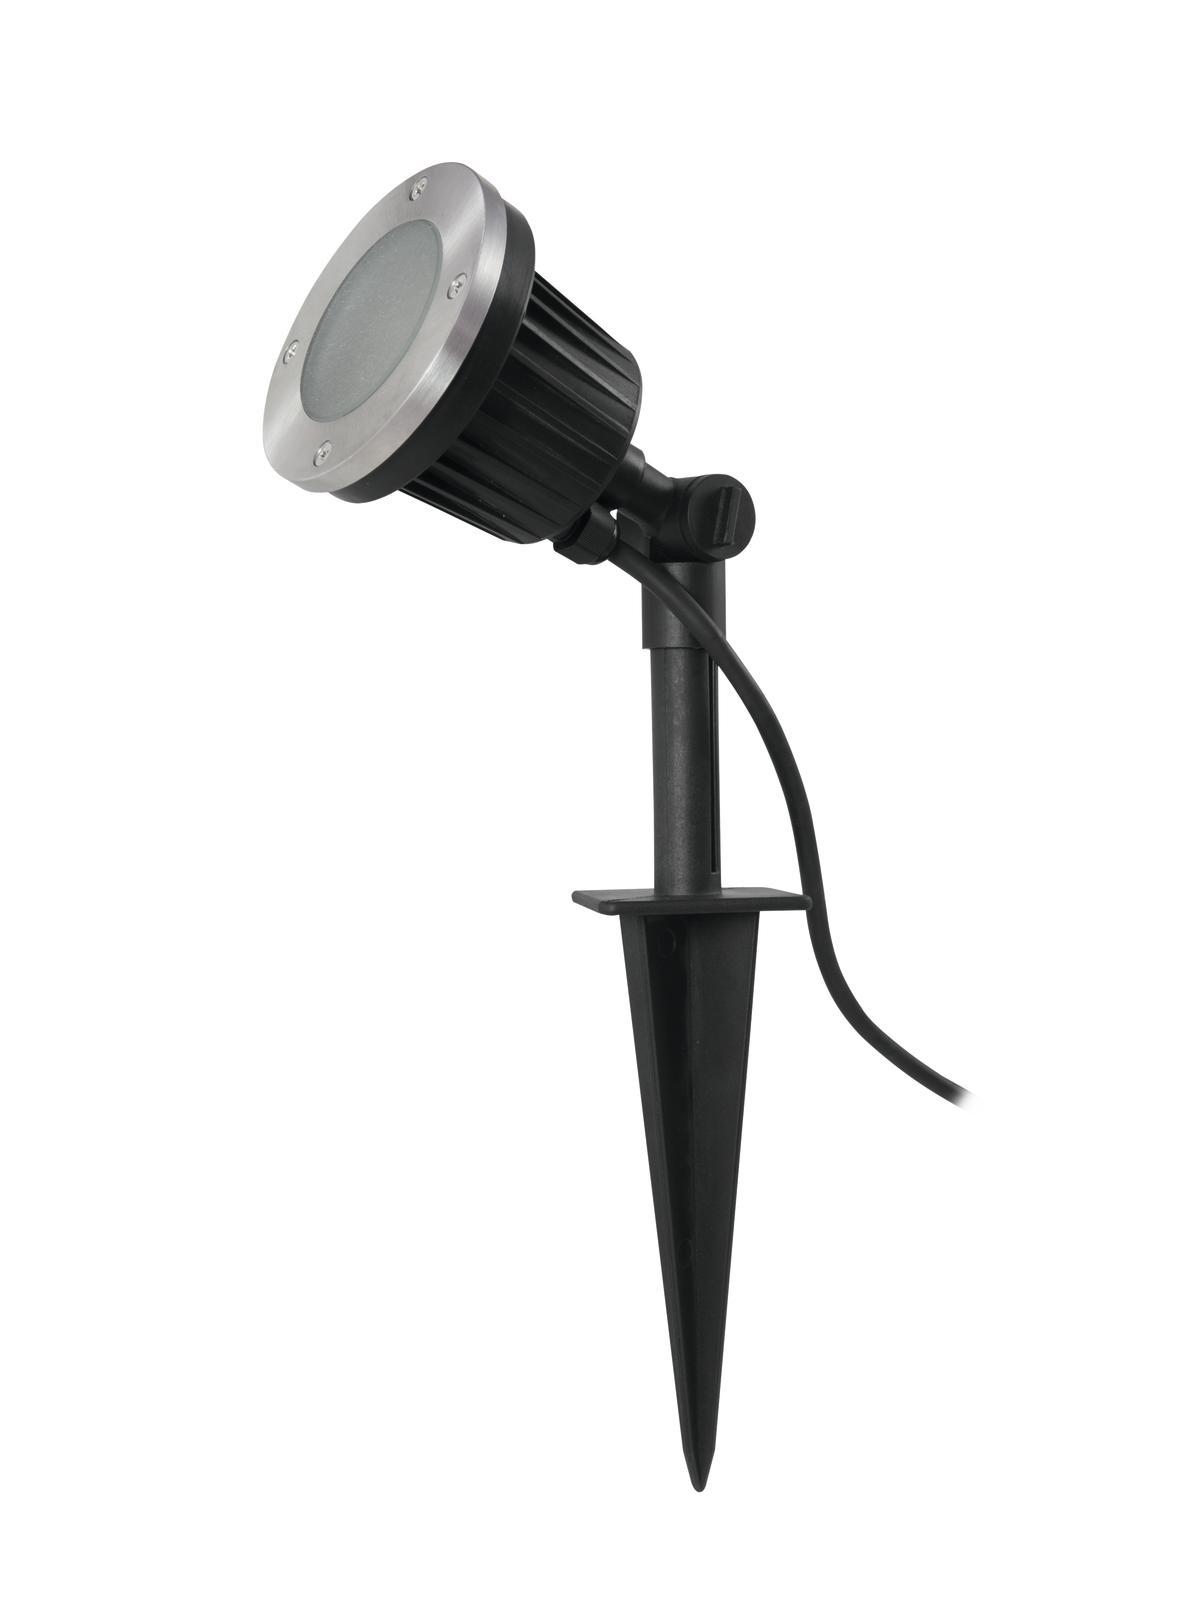 EUROLITE LED IP Spot orizzontale con palo 6400K 4,2 W